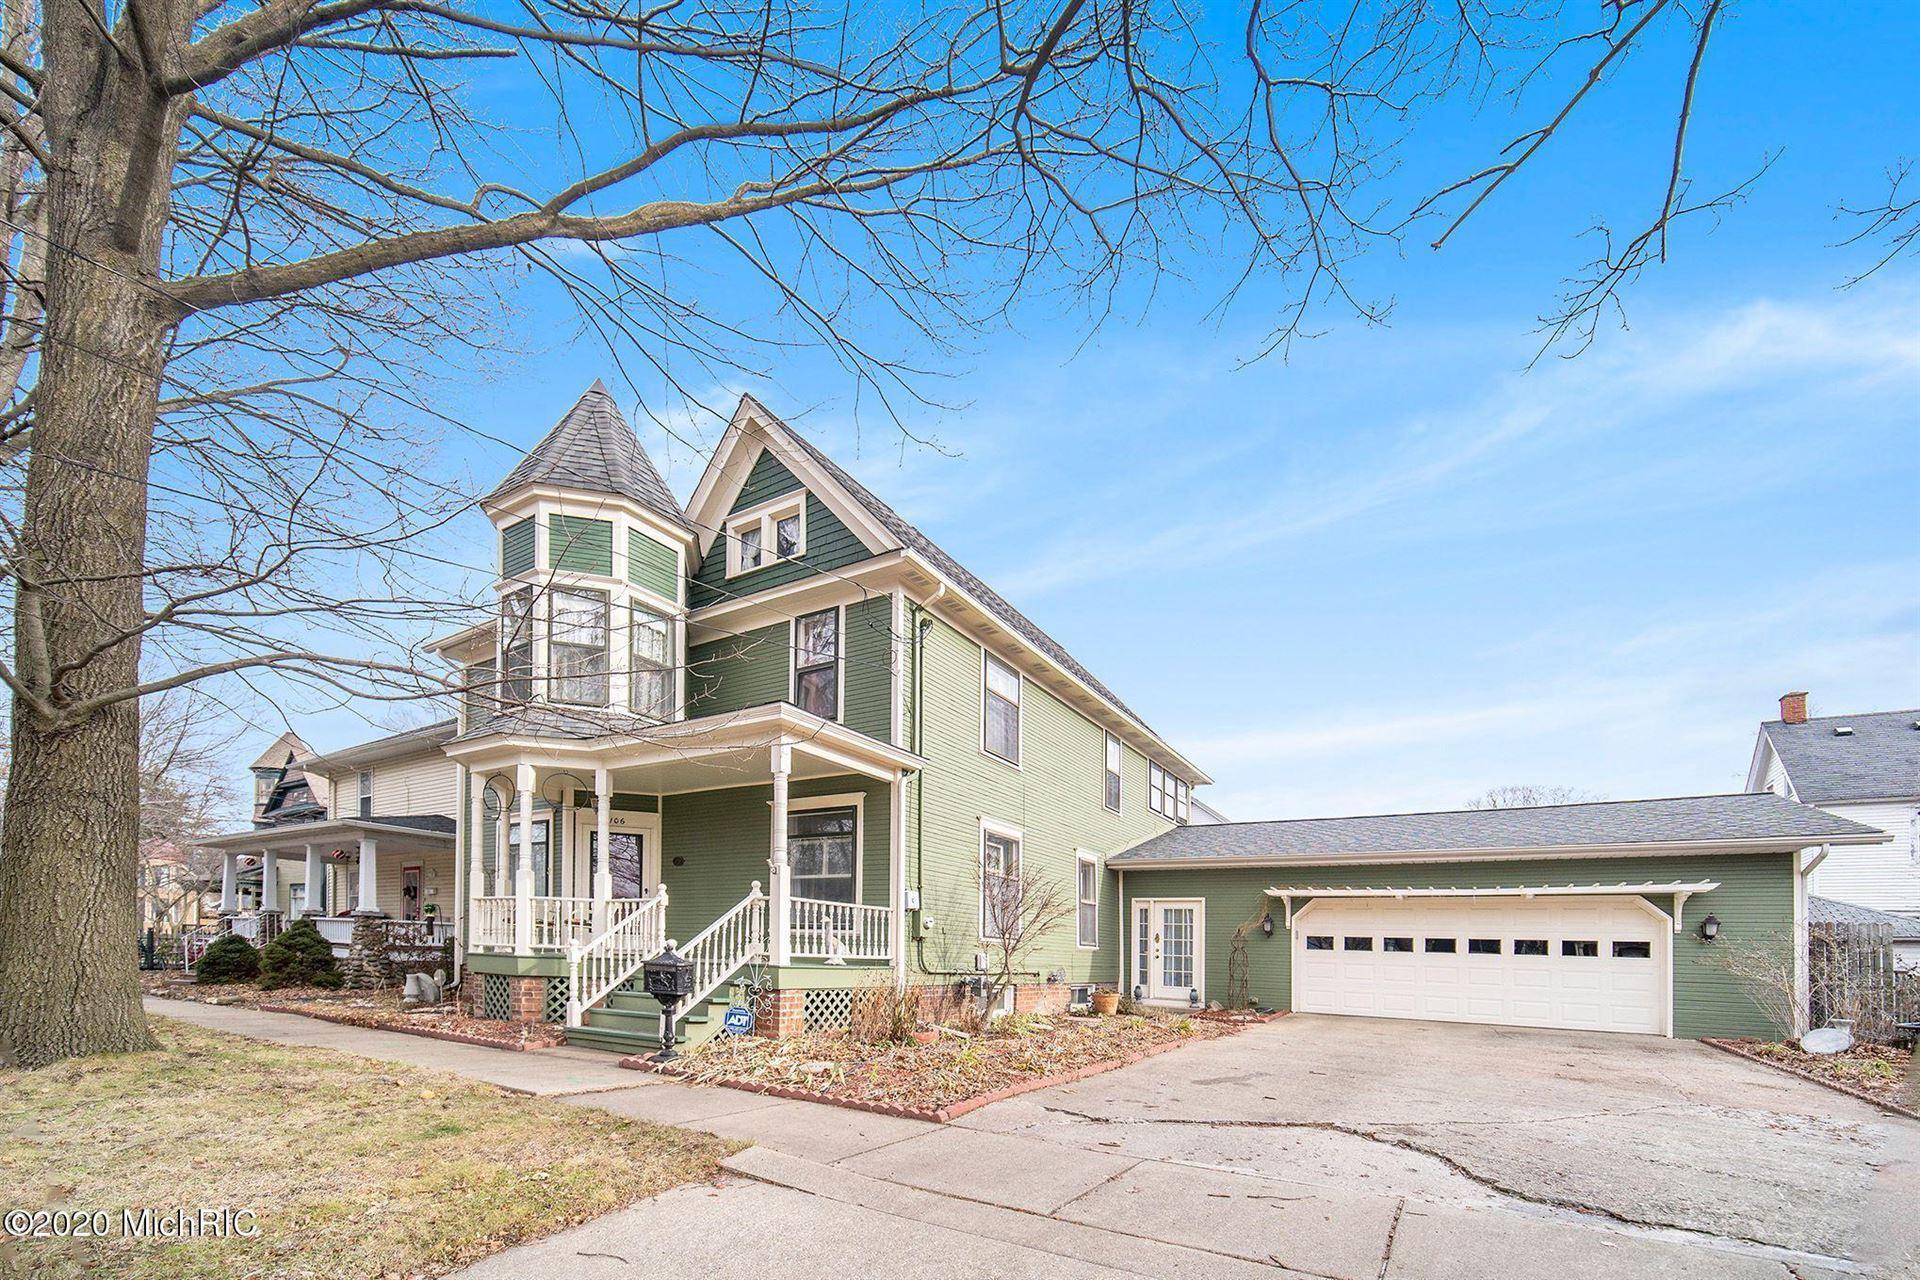 106 N Sycamore Street, Marshall, MI 49068 - MLS#: 20051844